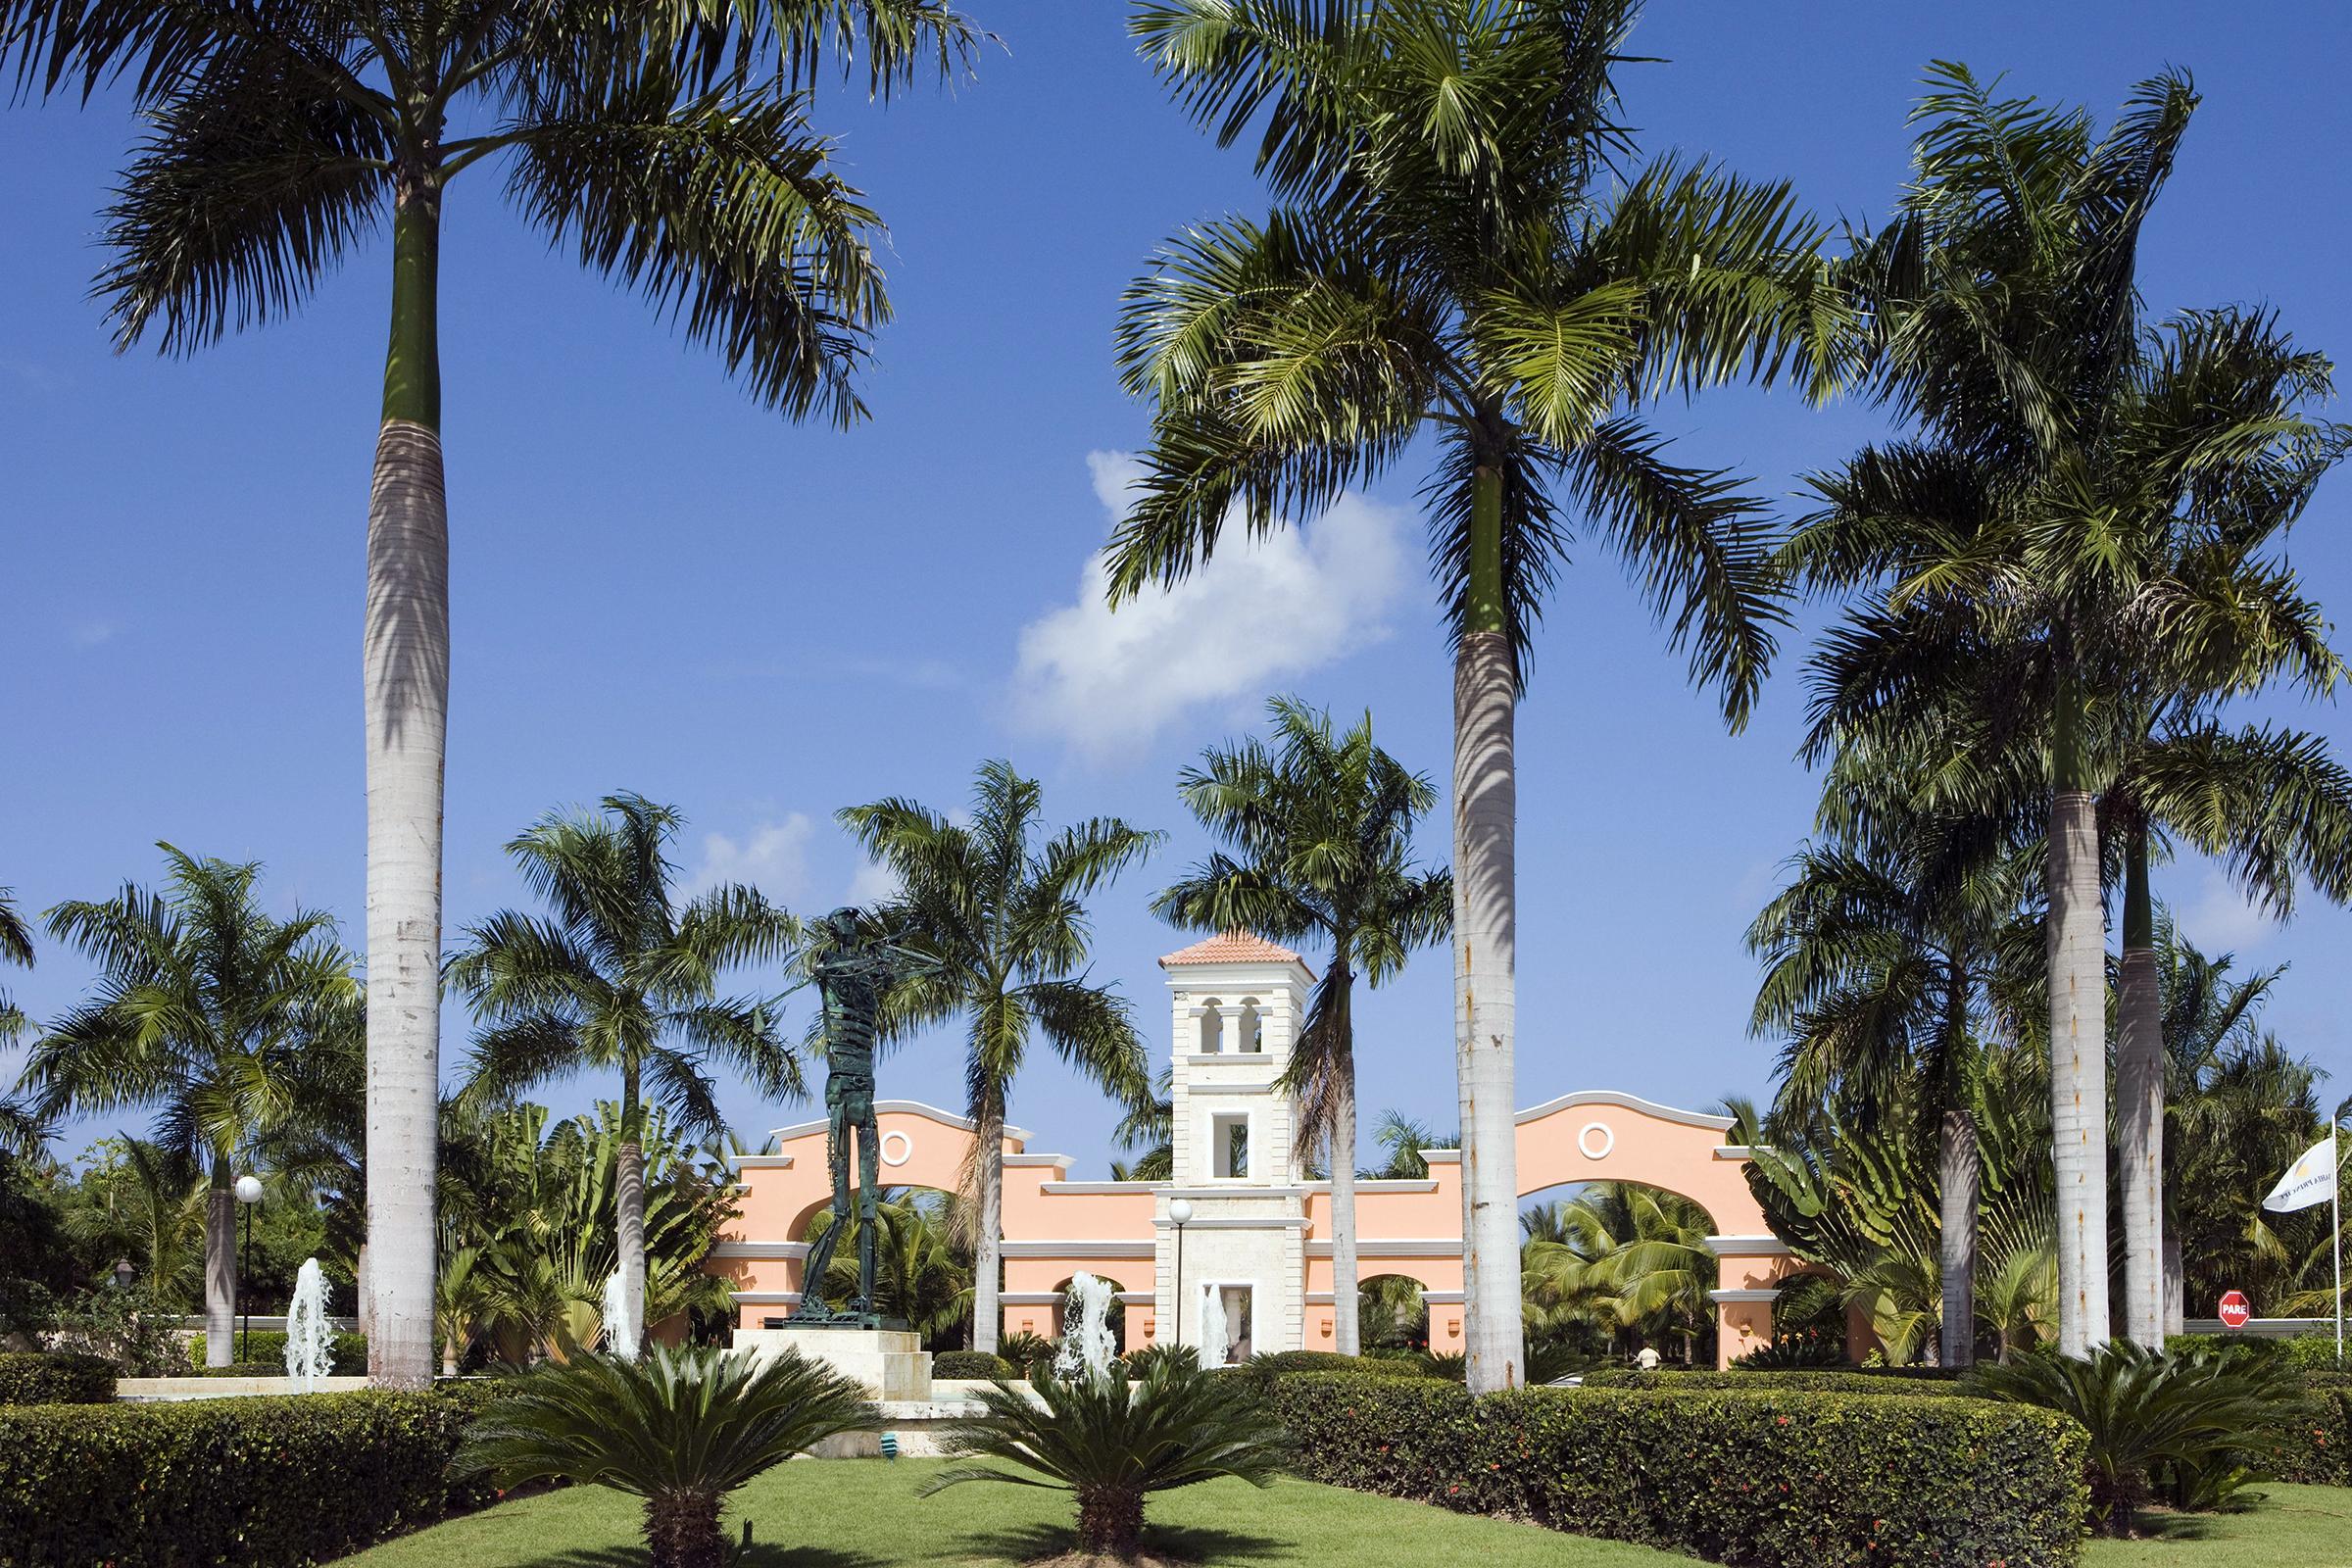 Gran Bahia Principe Resort, Punta Cana, Dominican Republic, CaribbeanVARIOUS